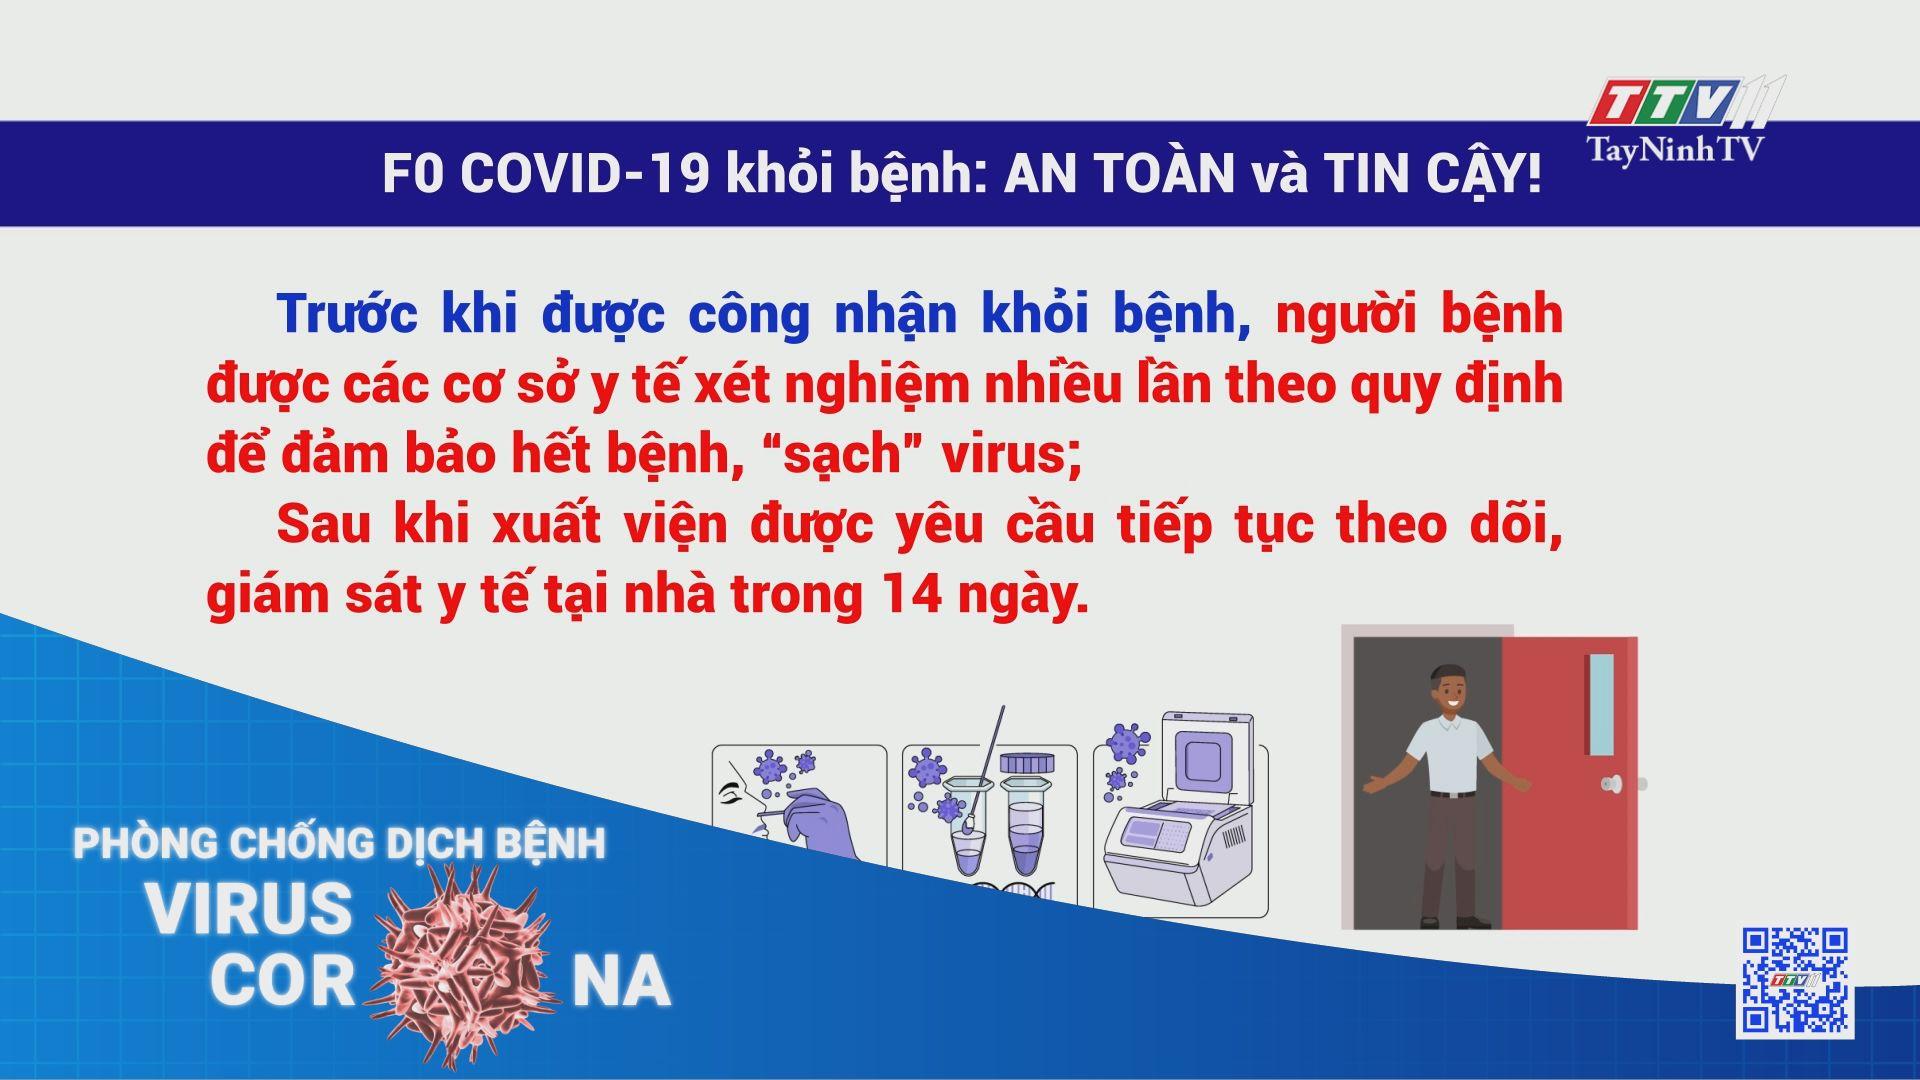 F0 Covid-19 khỏi bệnh: AN TOÀN và TIN CẬY | THÔNG TIN DỊCH COVID-19 | TayNinhTV